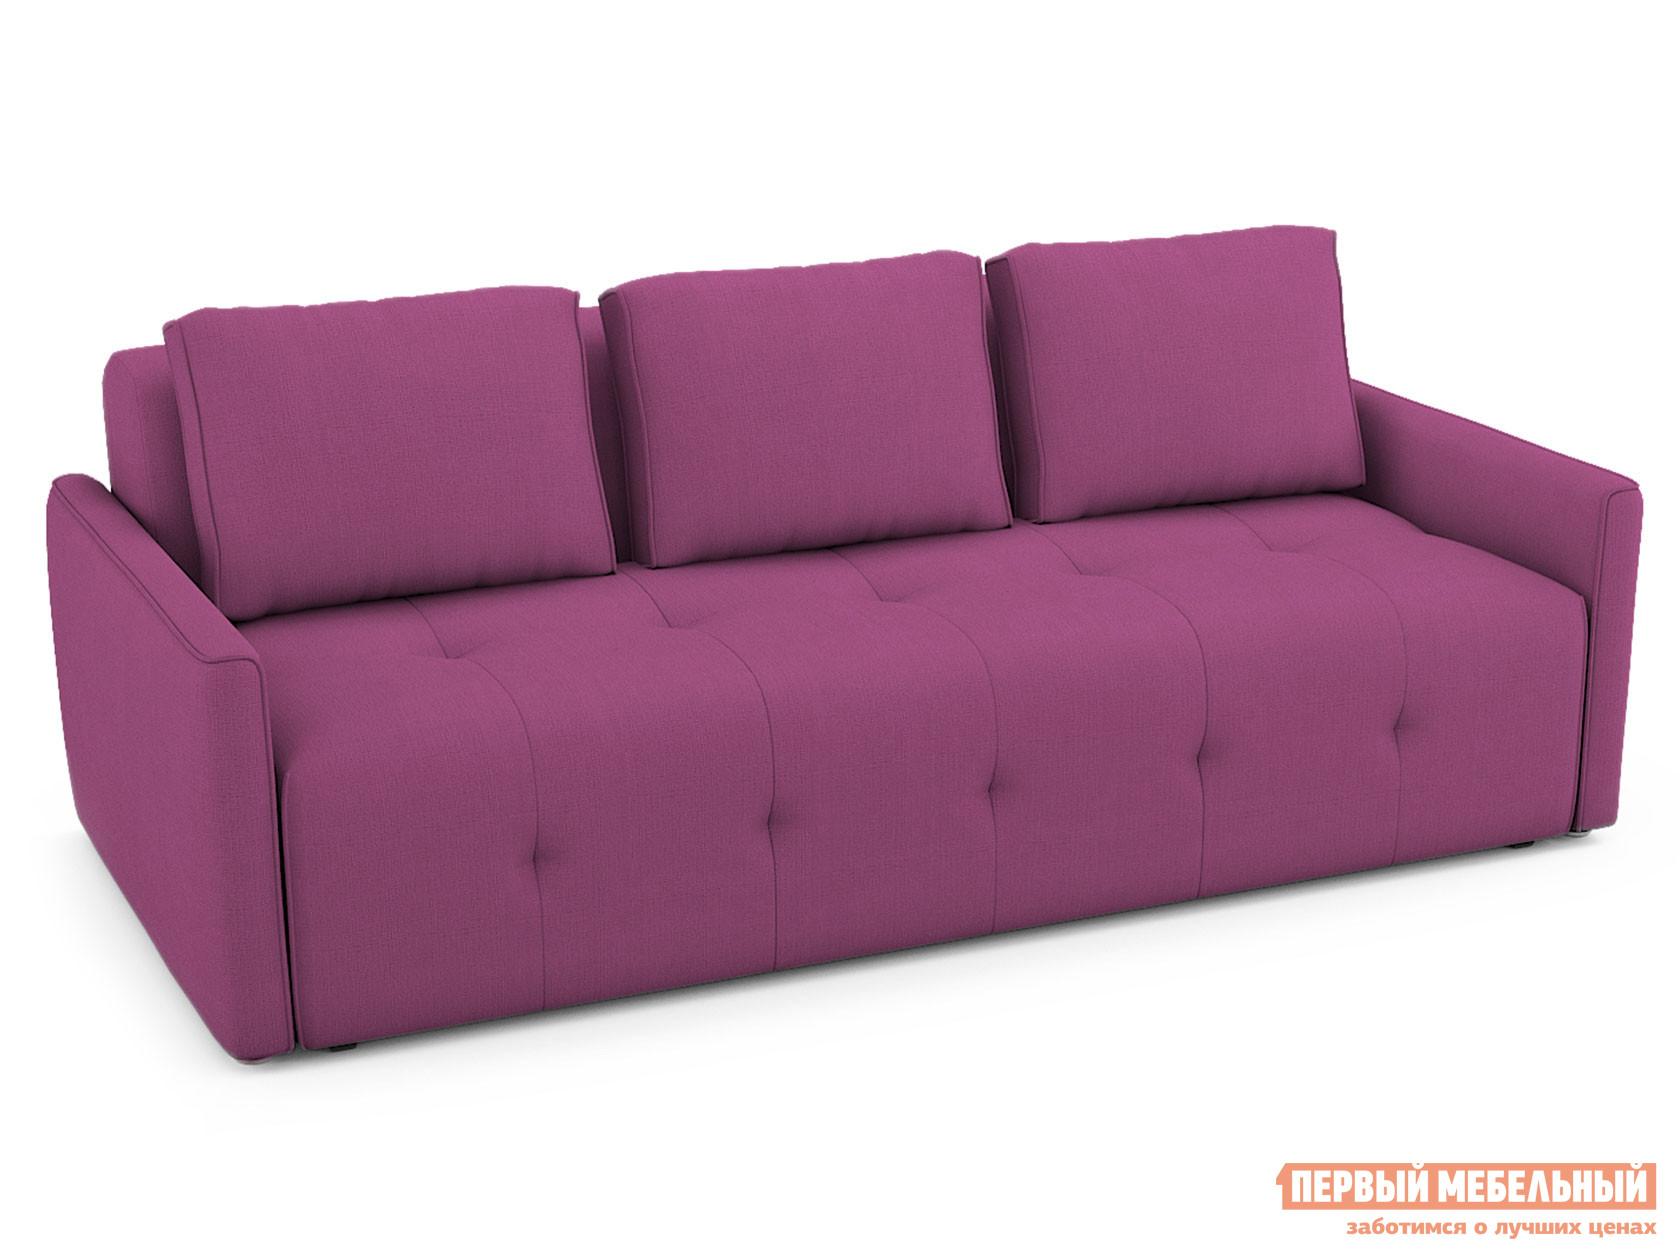 Прямой диван  Прямой диван Бронкс Пурпурный, рогожка